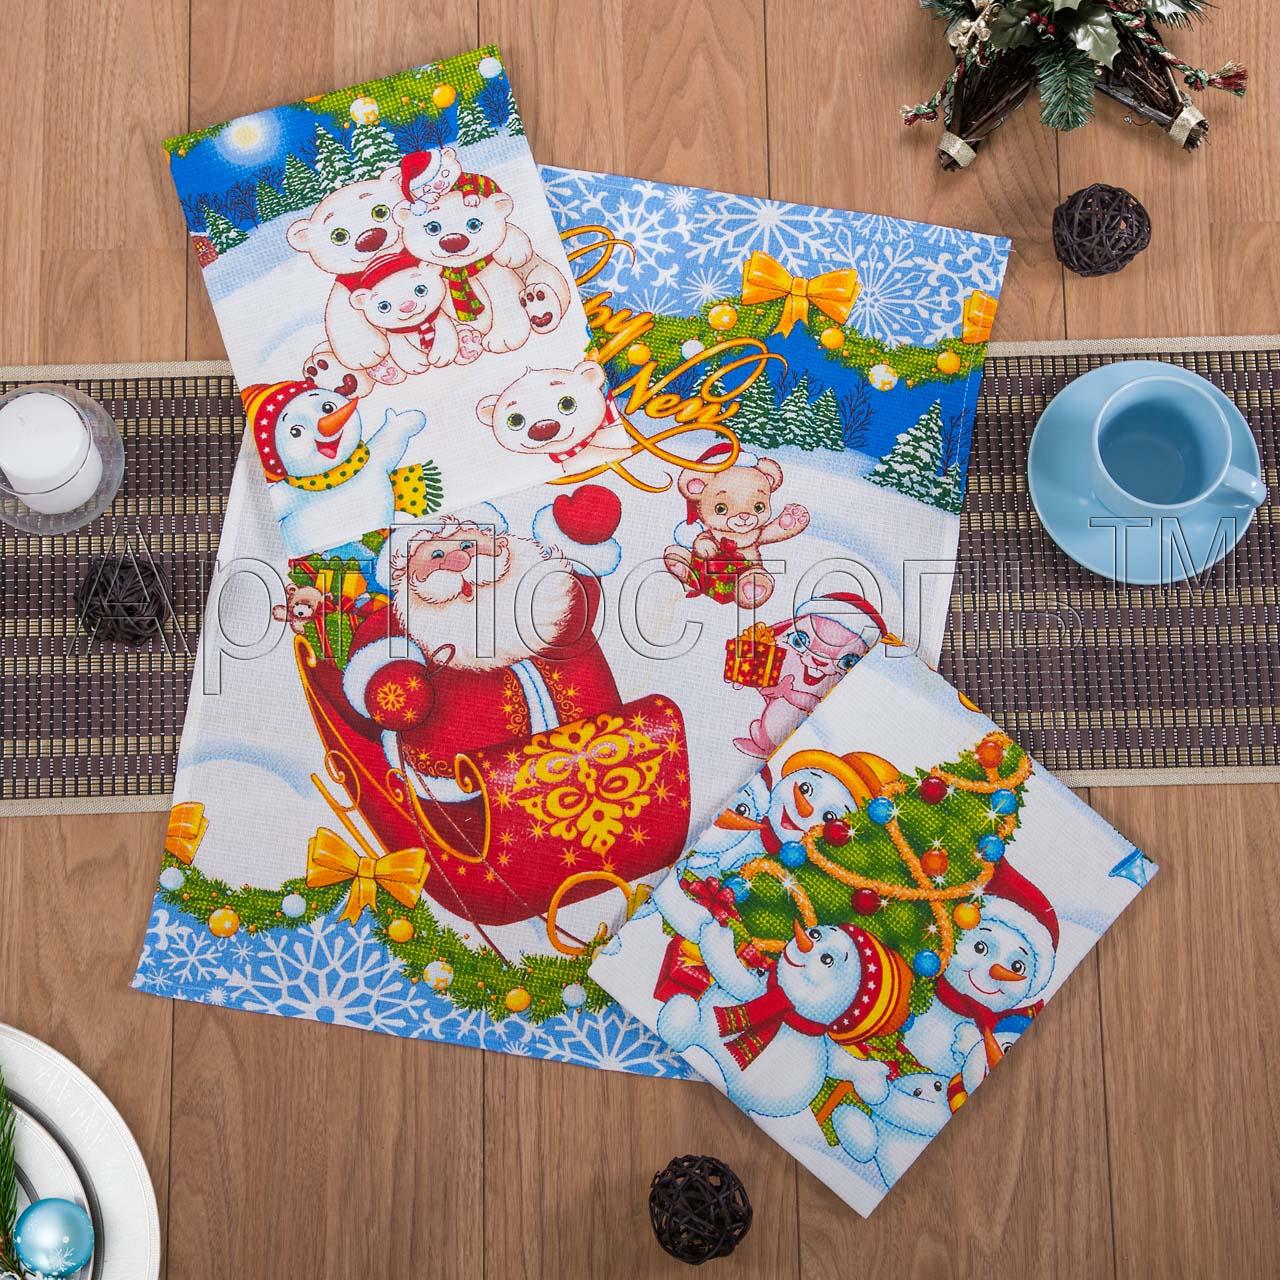 Набор полотенец Зимняя сказка р. 45х60Вафельные полотенца<br>Плотность: 160 г/кв. м <br>Количество в наборе: 3 шт.<br><br>Тип: Набор полотенец<br>Размер: 45х60<br>Материал: Вафельное полотно